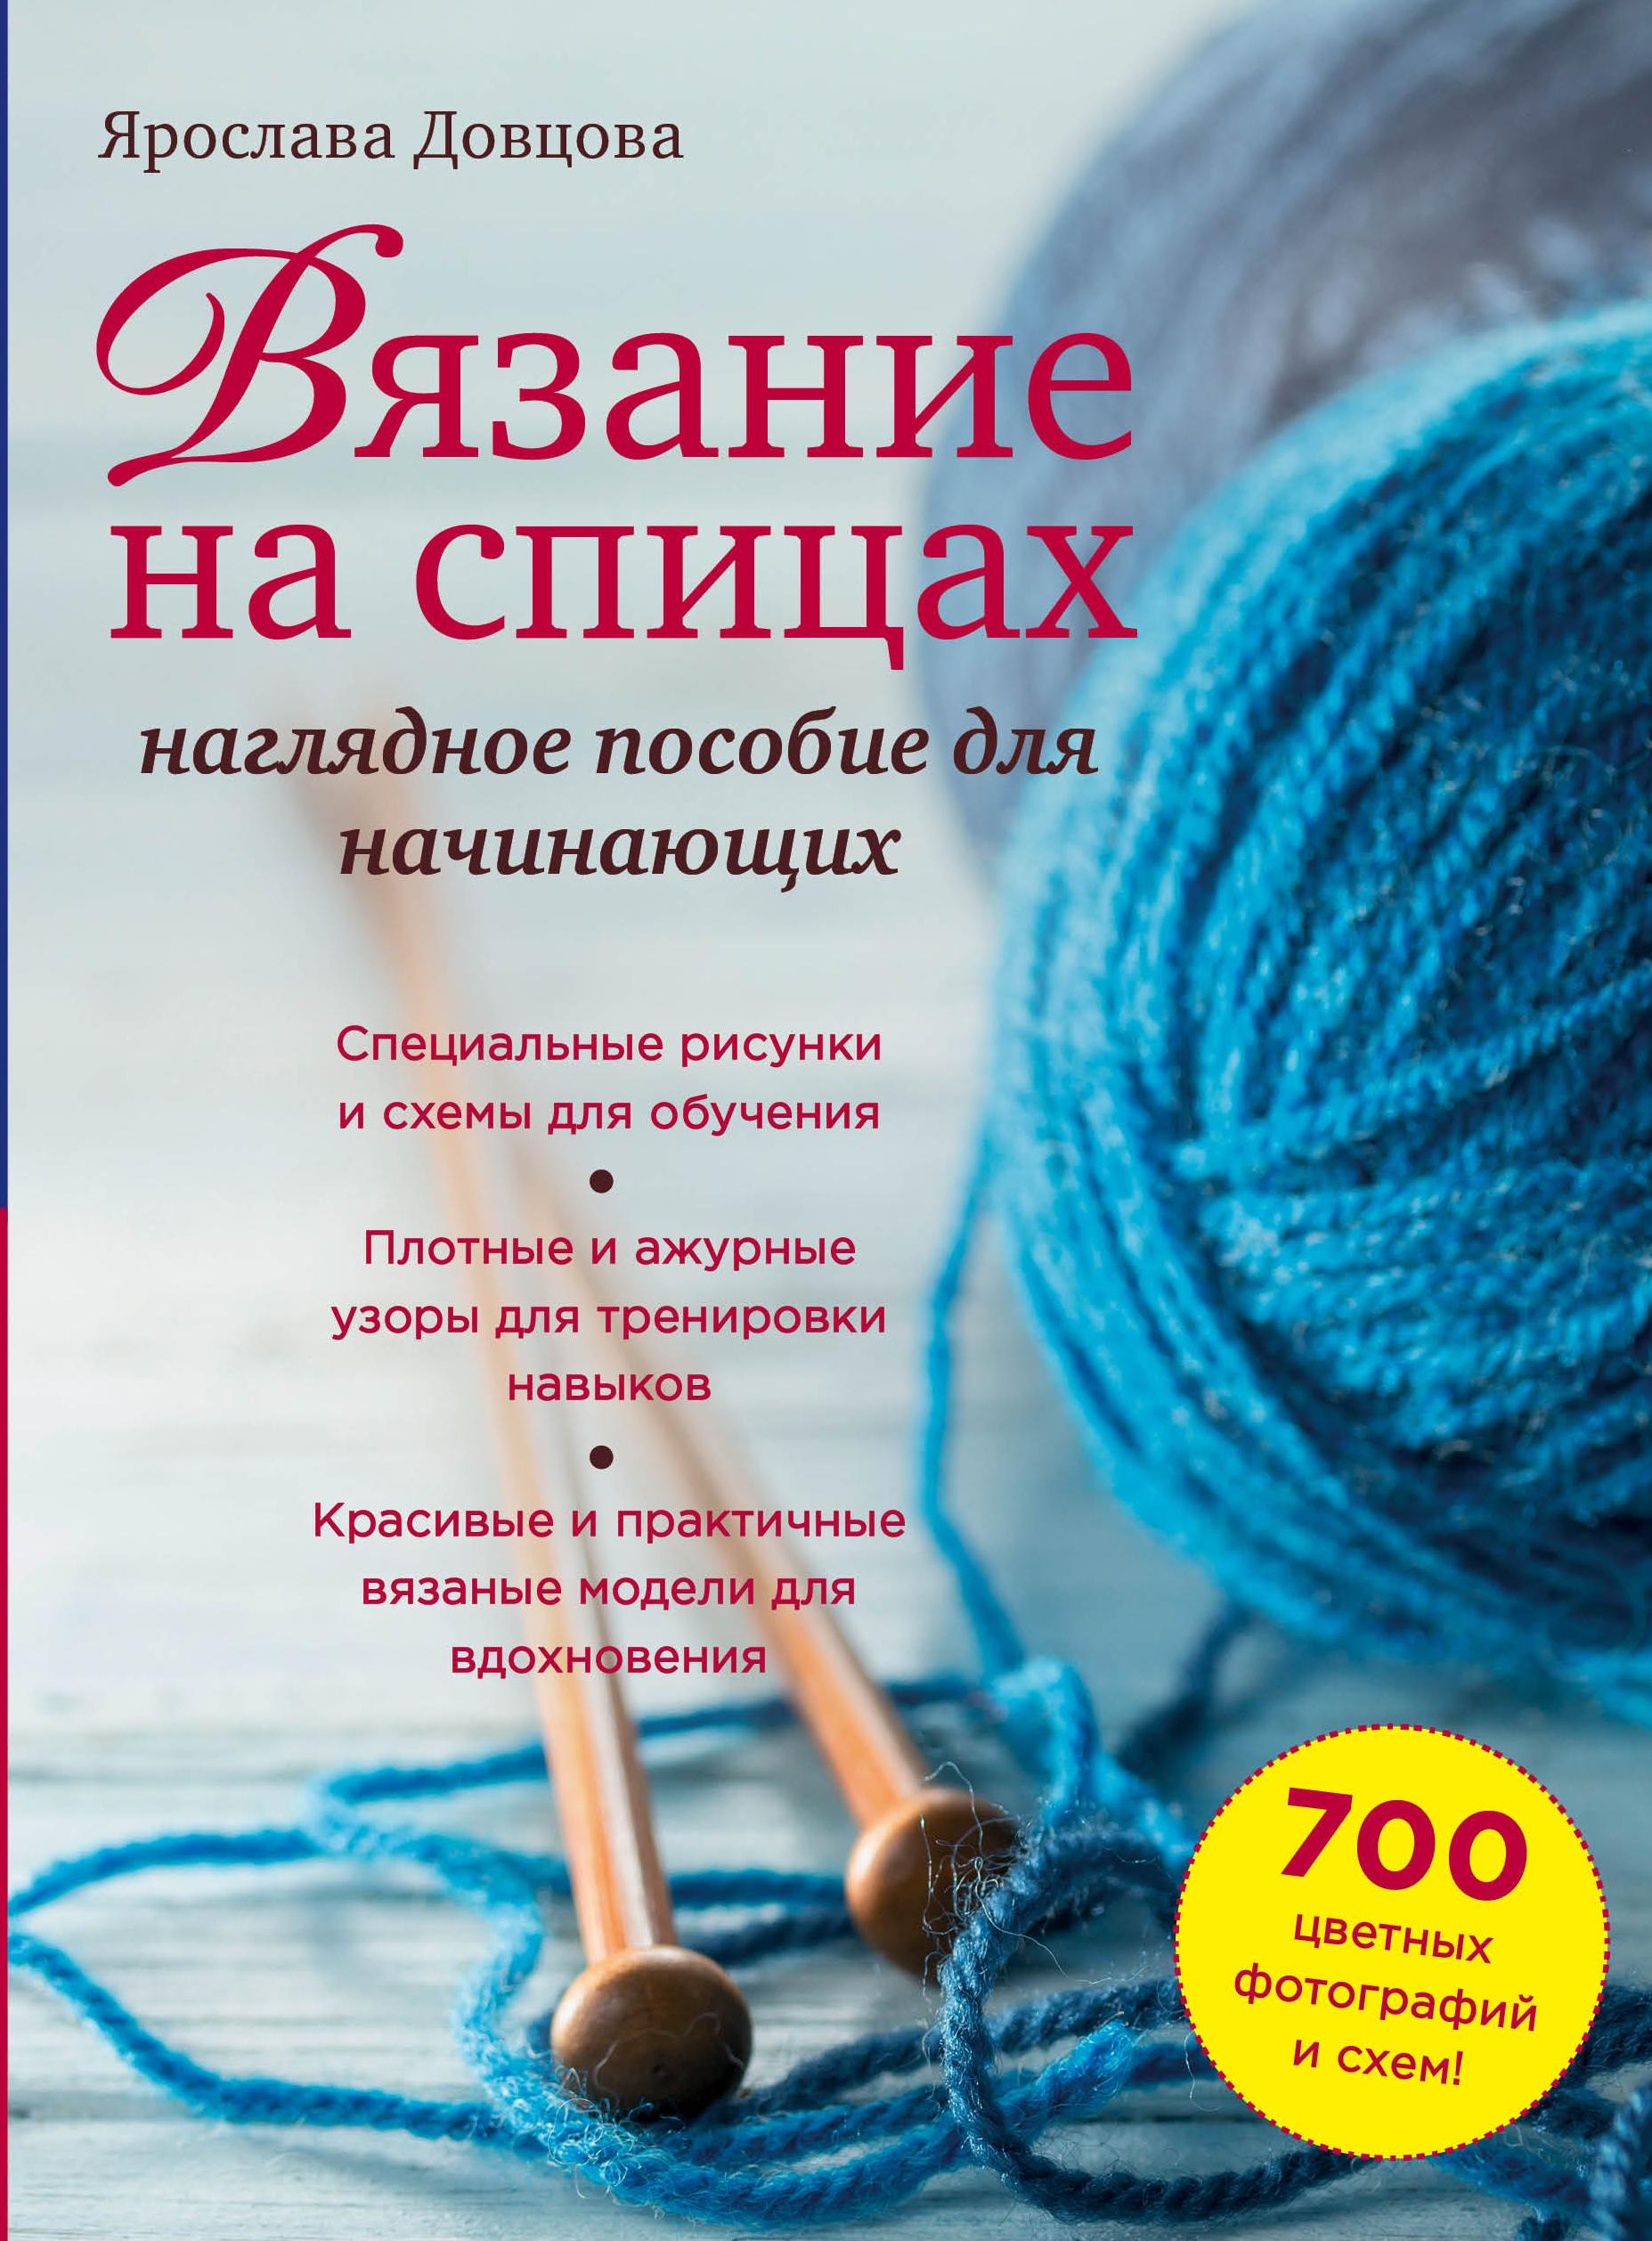 Скачать бесплатно Учебное пособие по вязанию крючком для